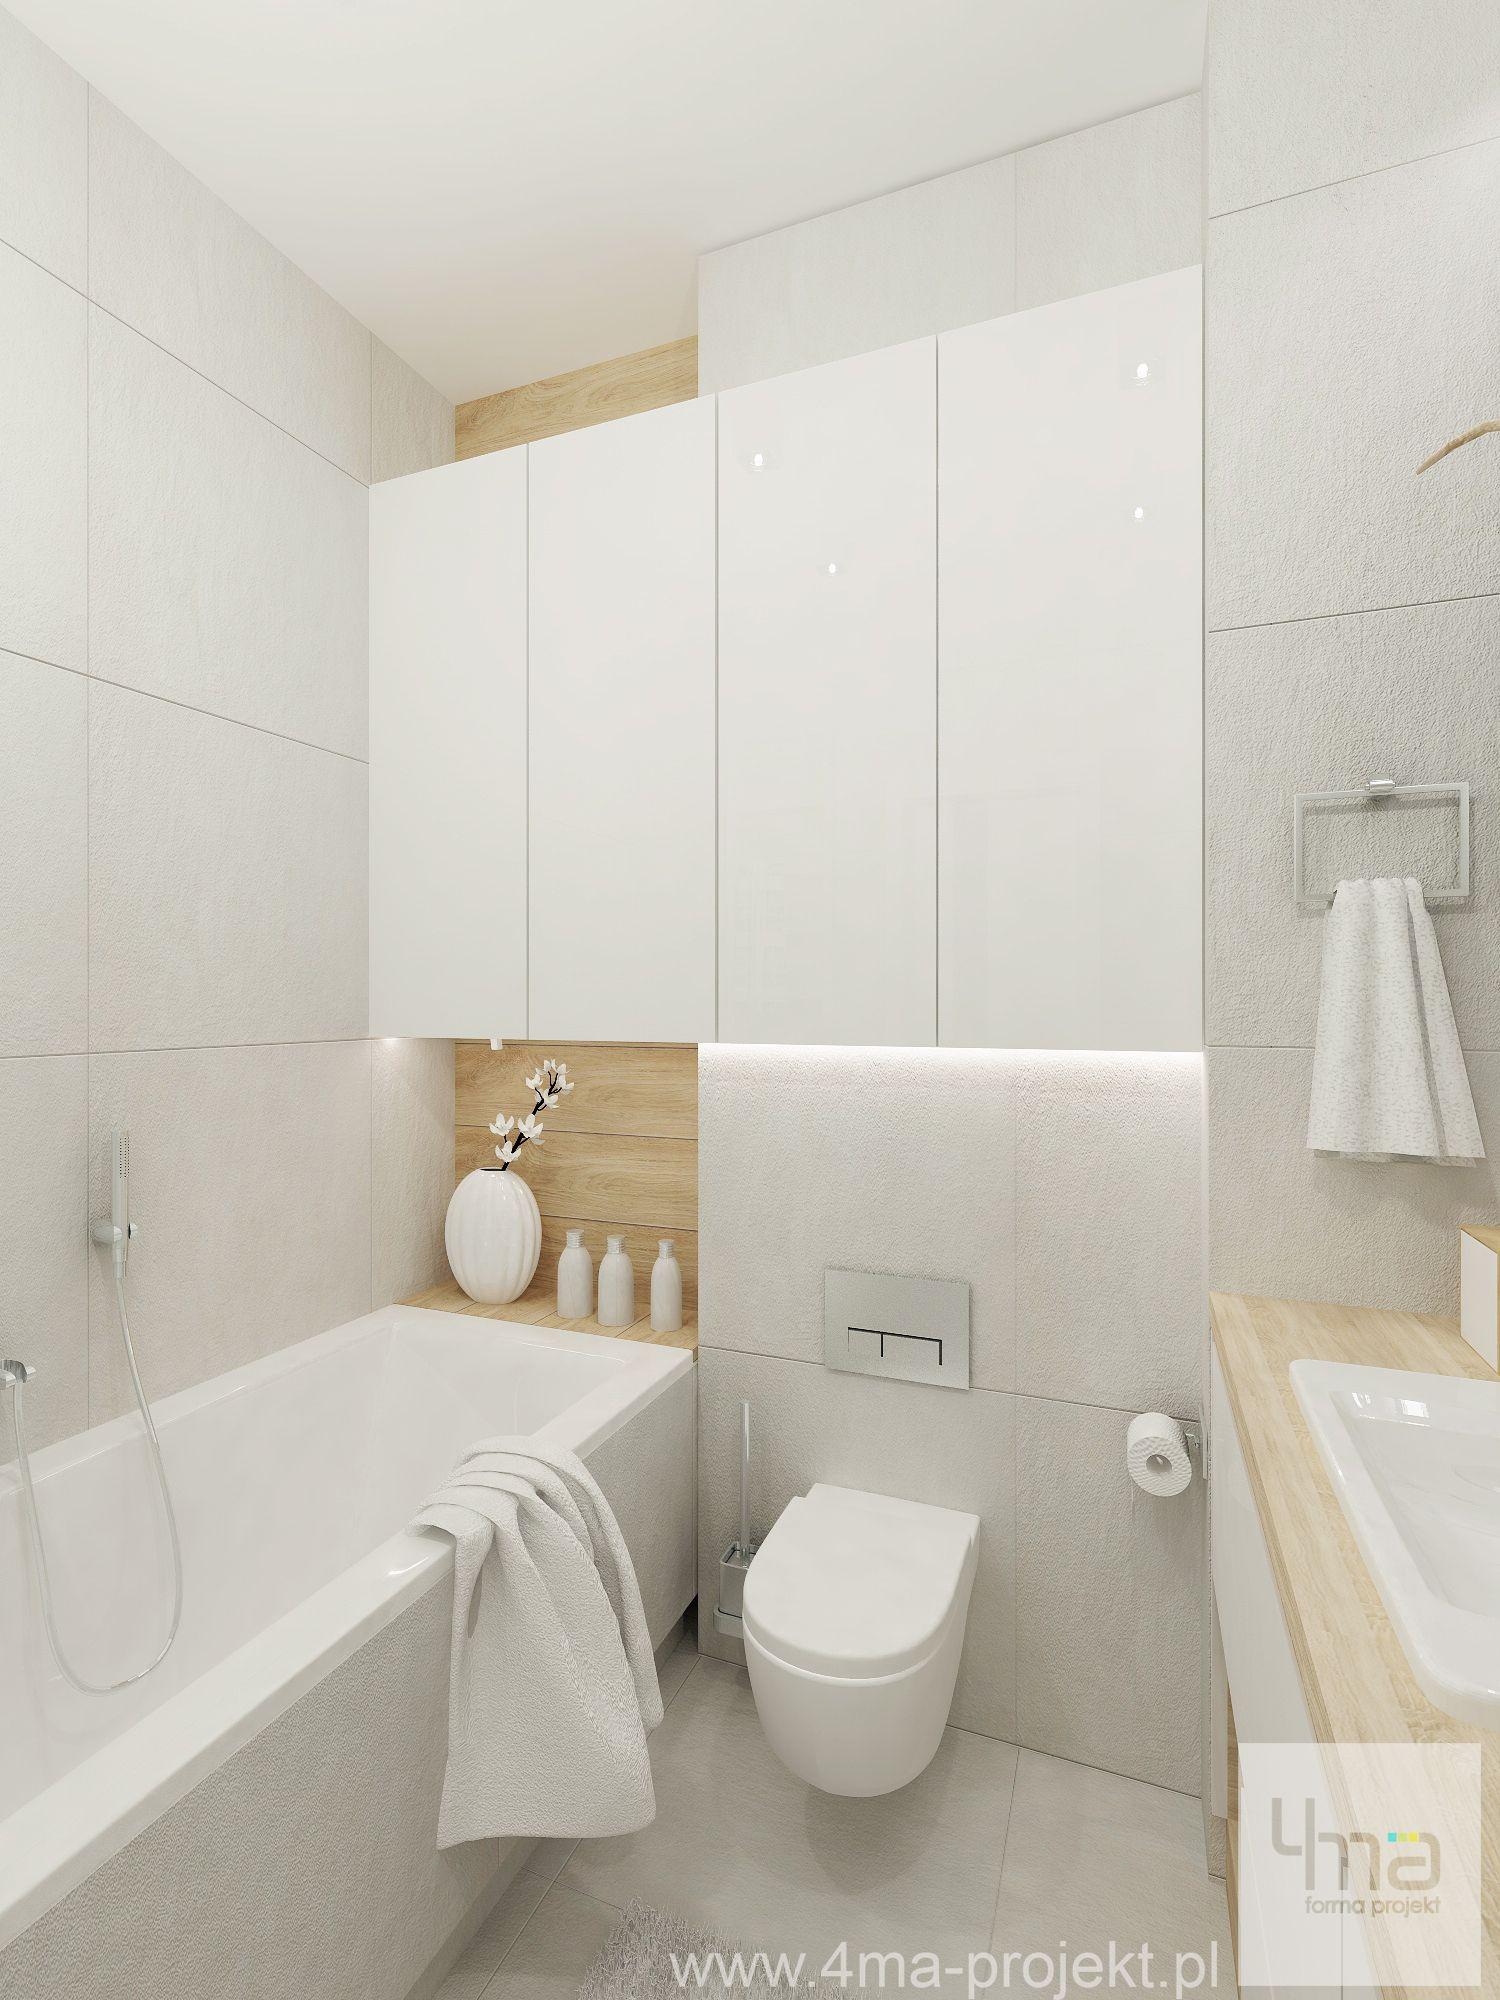 Mieszkanie Na Bielanach 4ma Projekt Architekt Projektant Projektowanie Wnetrz Warszaw Bathroom Design Small Small Space Bathroom Bathroom Interior Design